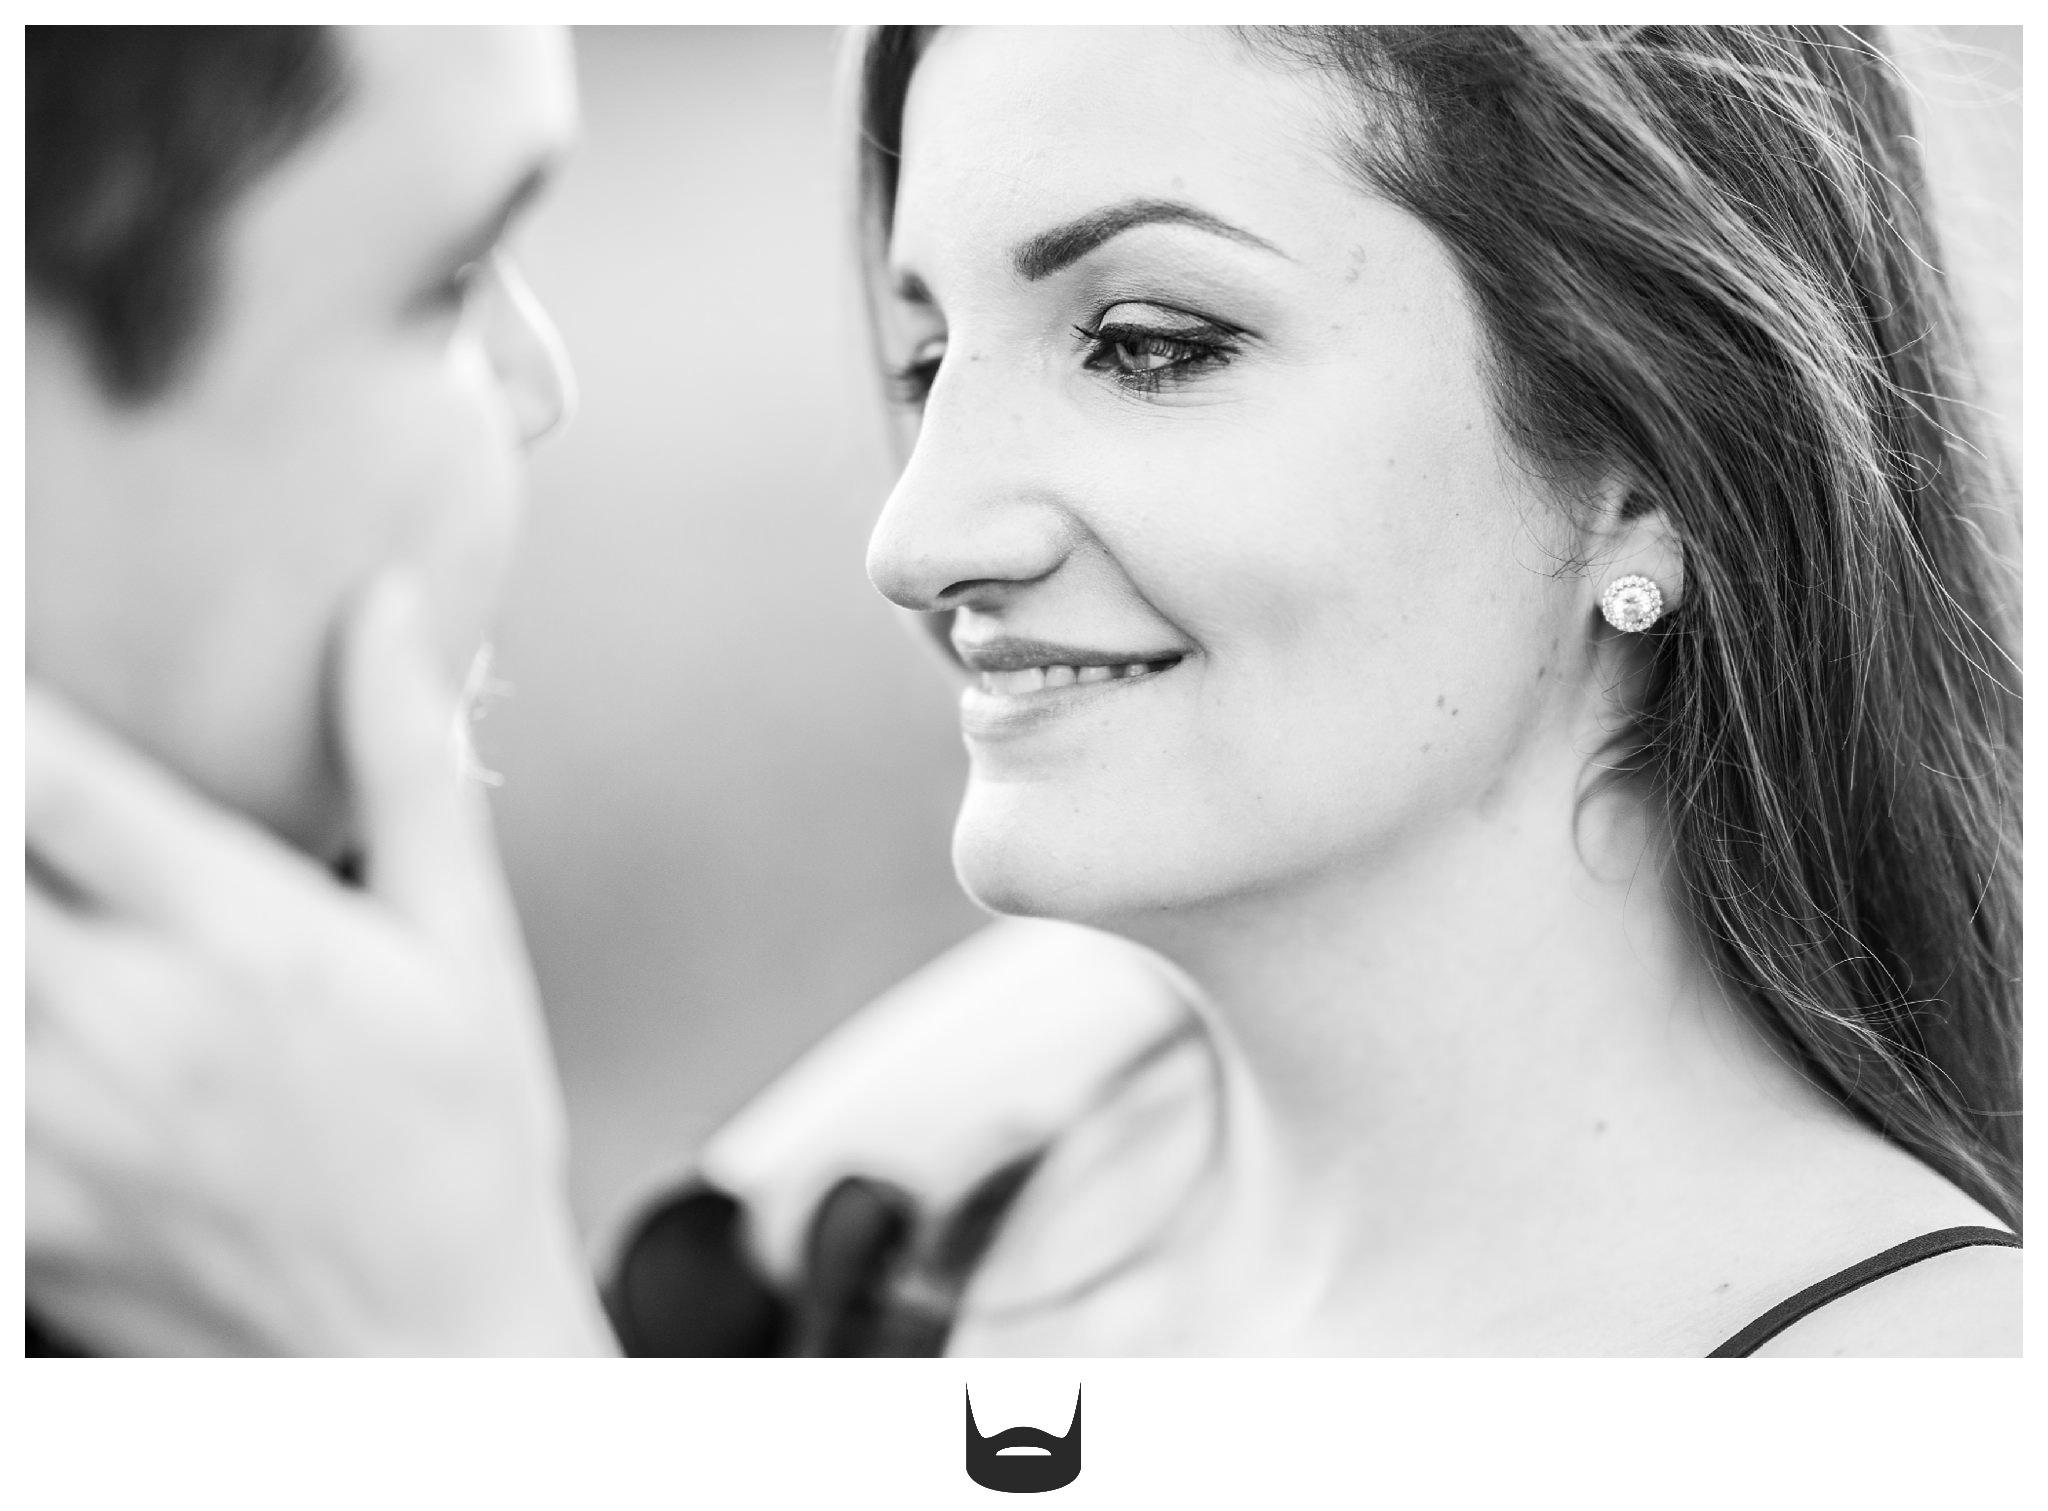 des moines engagement photography smile